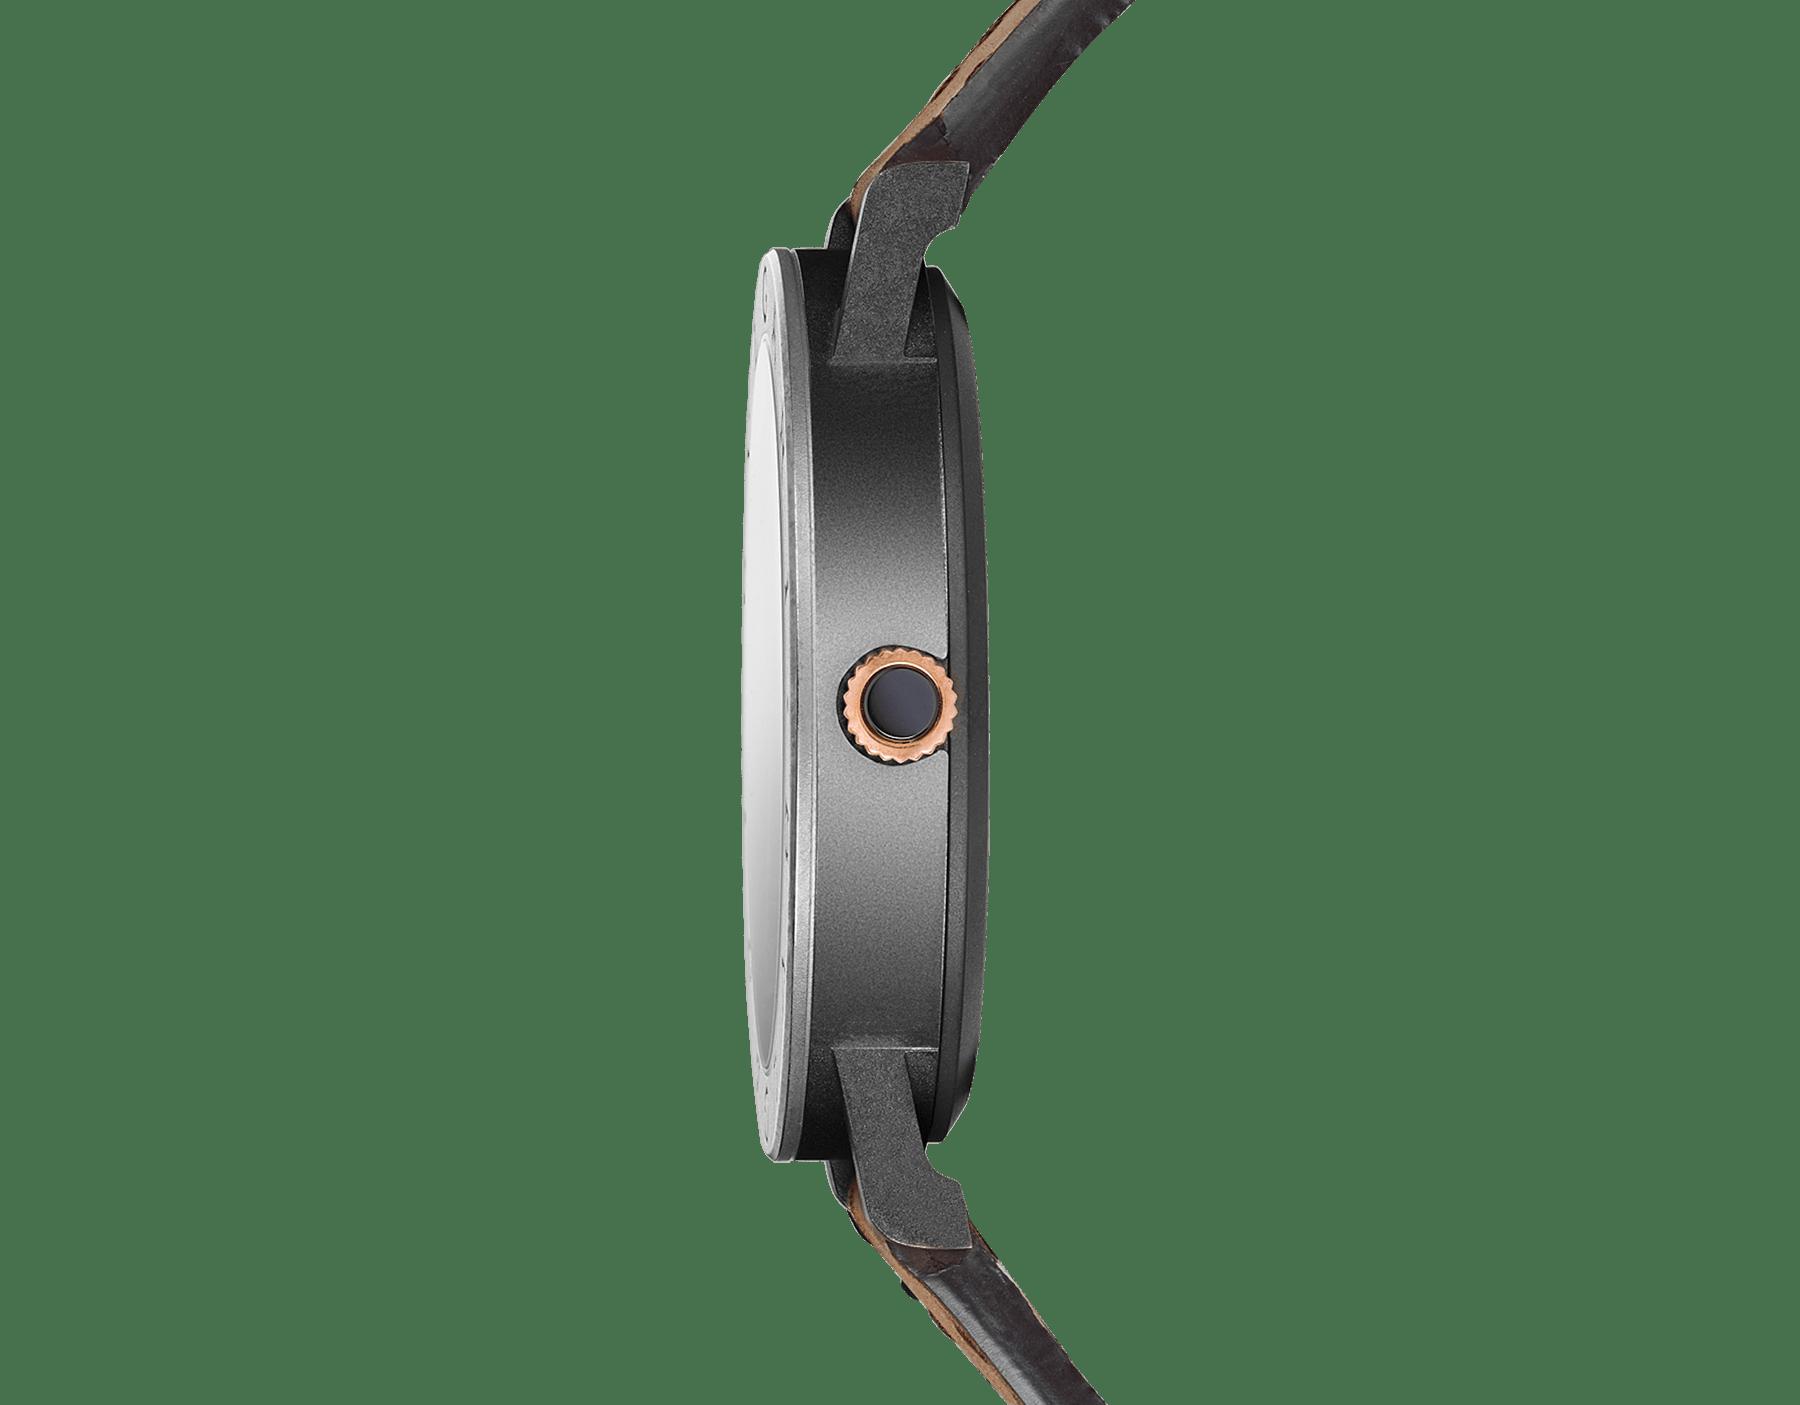 """ساعة """"بولغري بولغري سيتيز سبيشل إيديشن، ROMA"""" بآلية حركة ميكانيكية مصنّعة من قبل بولغري، تعبئة أوتوماتيكية، آلية BVL 191.، علبة الساعة من الفولاذ المعالج بالكربون الأسود الشبيه بالألماس مع نقش """"BVLGARI ROMA"""" على إطار الساعة، غطاء خلفي شفاف، ميناء مطلي بالمينا الأسود الخشن ومؤشرات الساعة من الذهب الوردي، سوار من جلد العجل البني، وسوار قابل للتبديل من المطاط الأسود. 103219 image 5"""